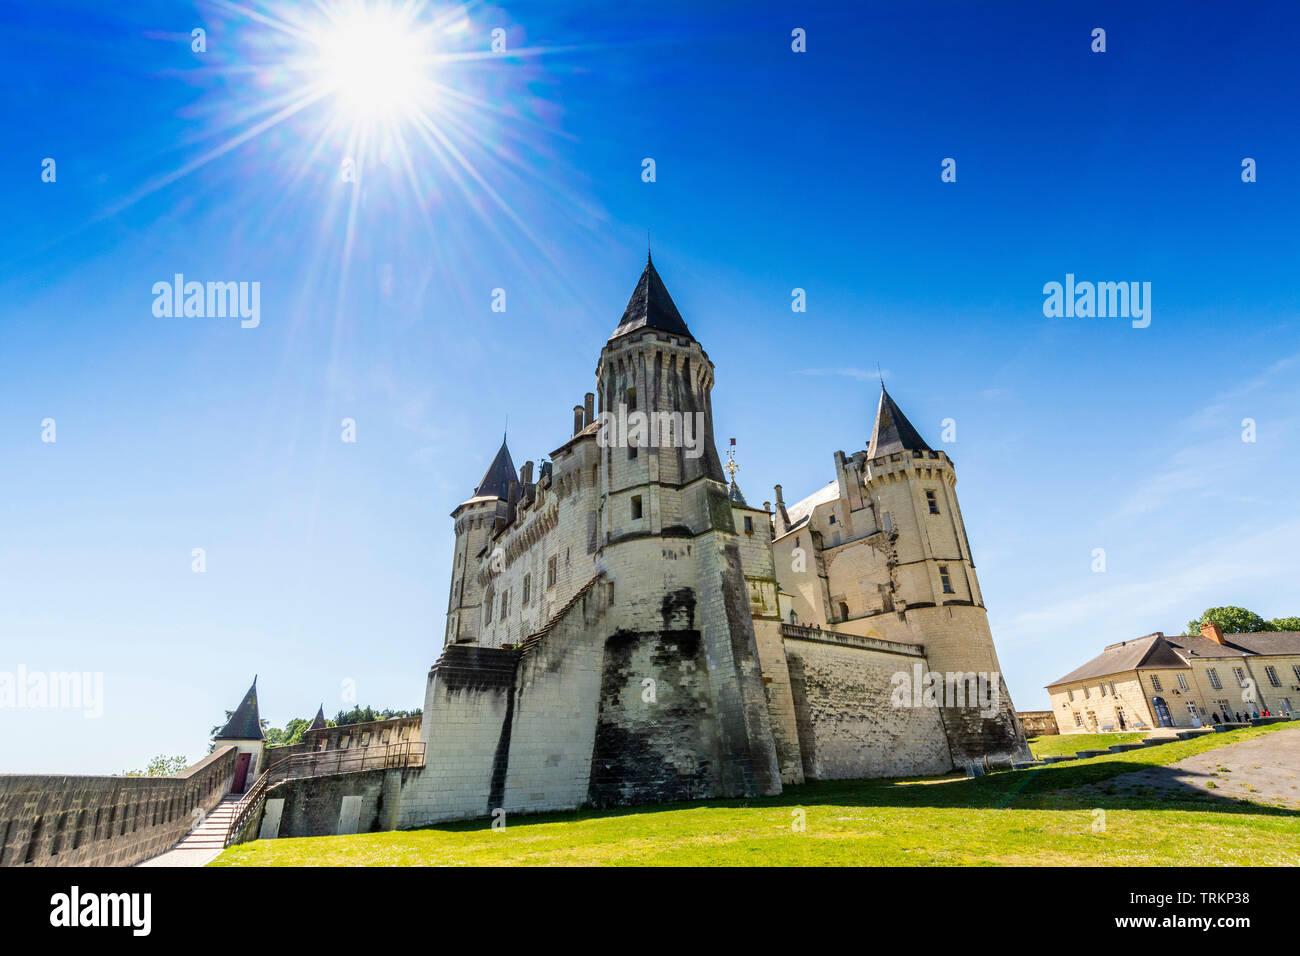 Château de Saumur, Pays de la Loire, Maine et Loire, France Stock Photo